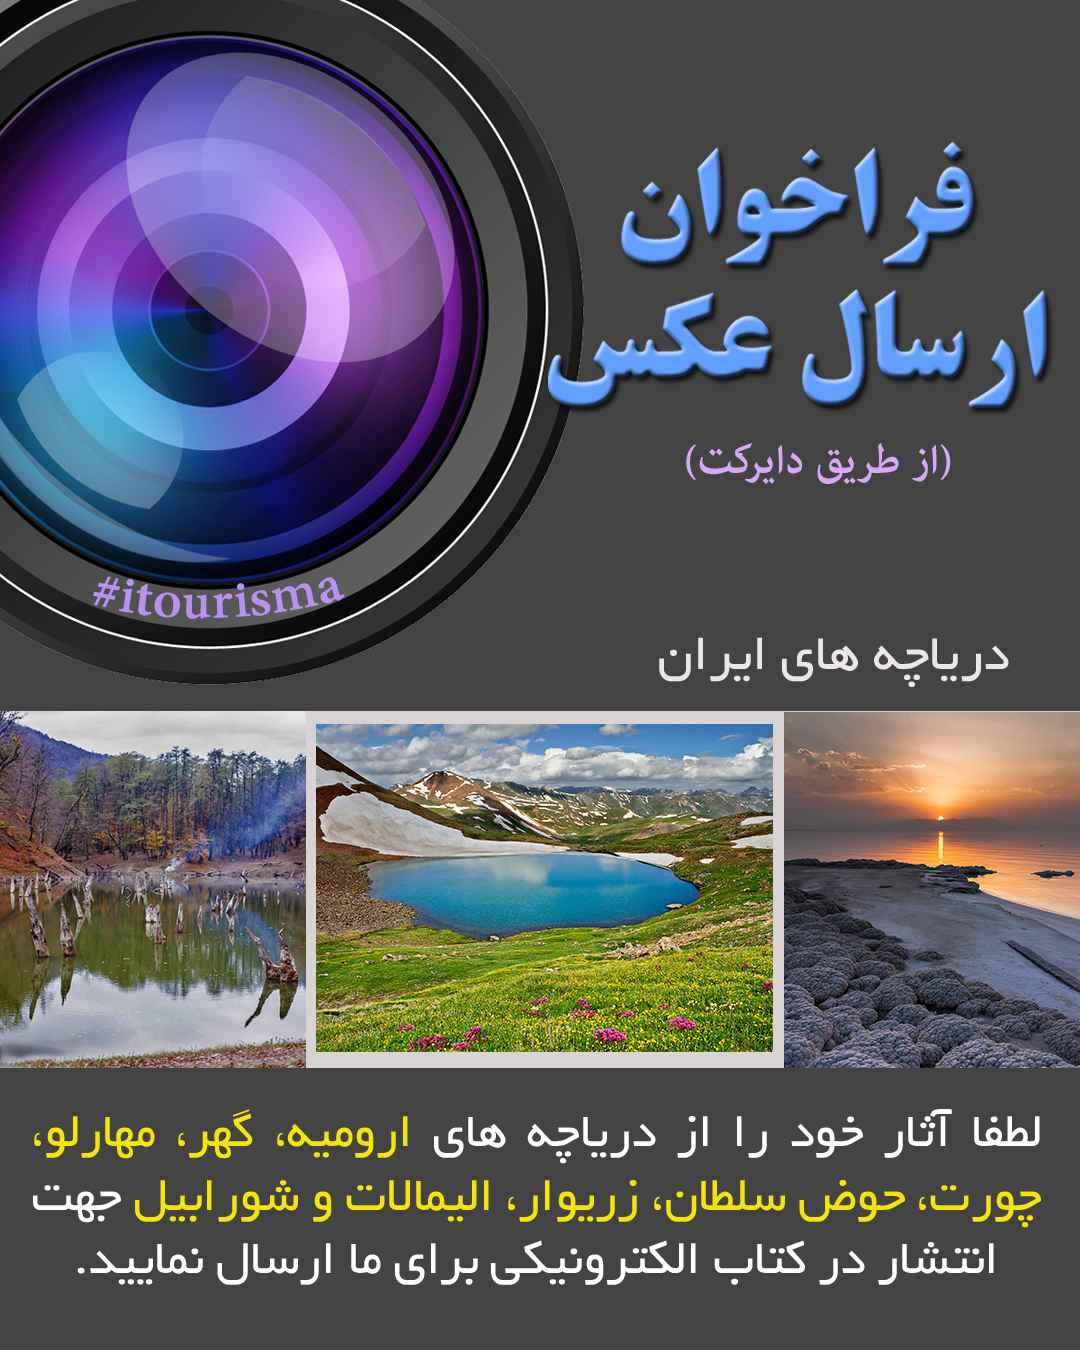 فراخوان ارسال عکس از دریاچه های ایران